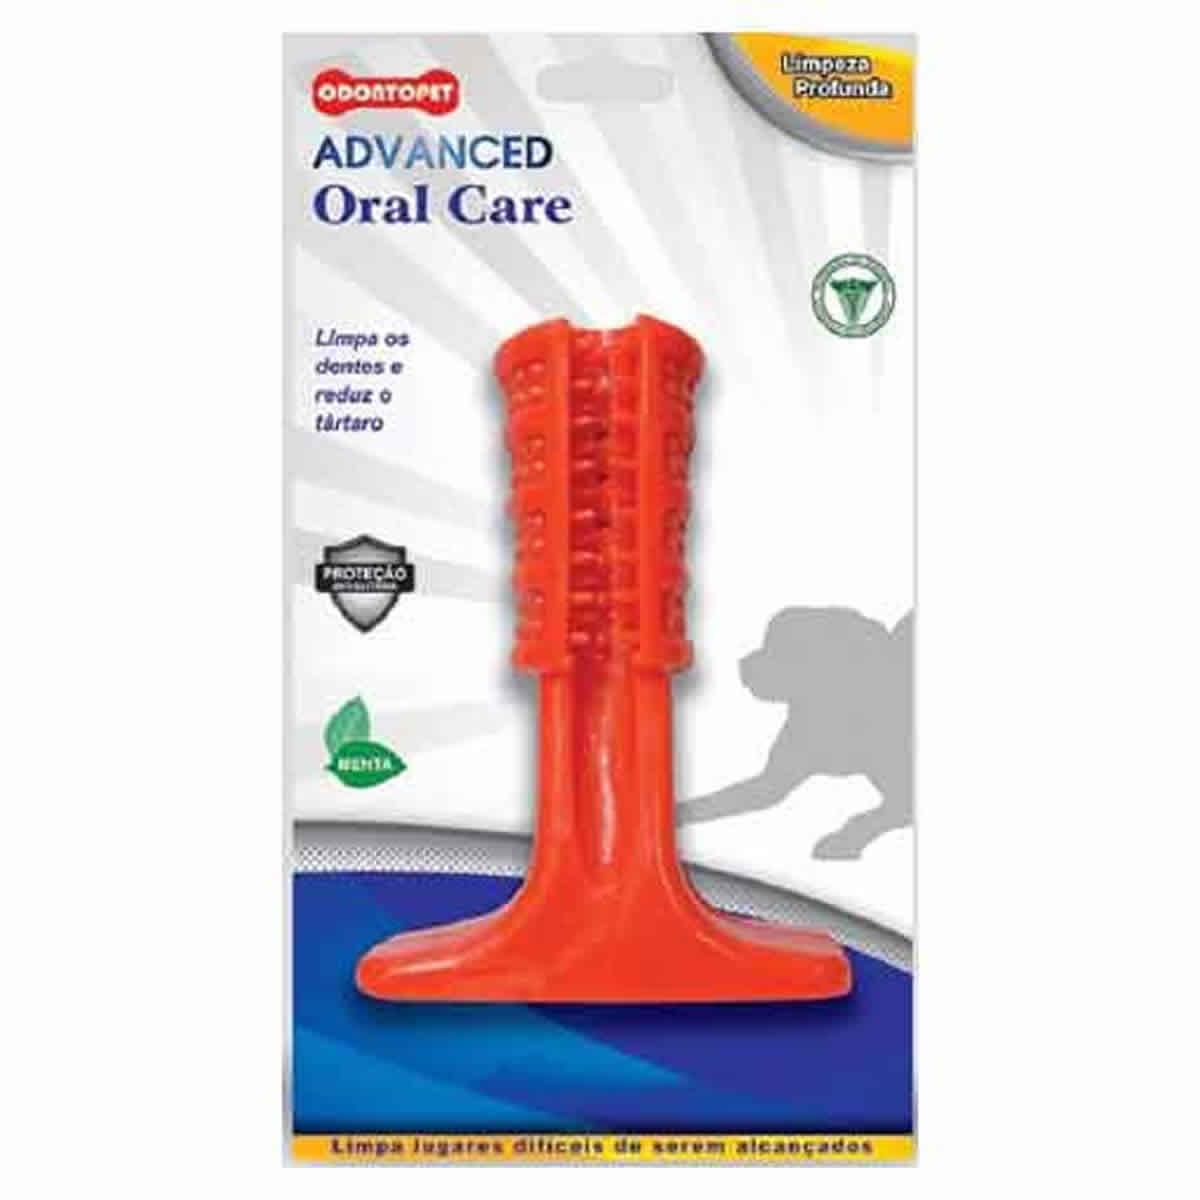 Escova de Dente para Cachorro em Formato de Brinquedo Odontopet Advanced